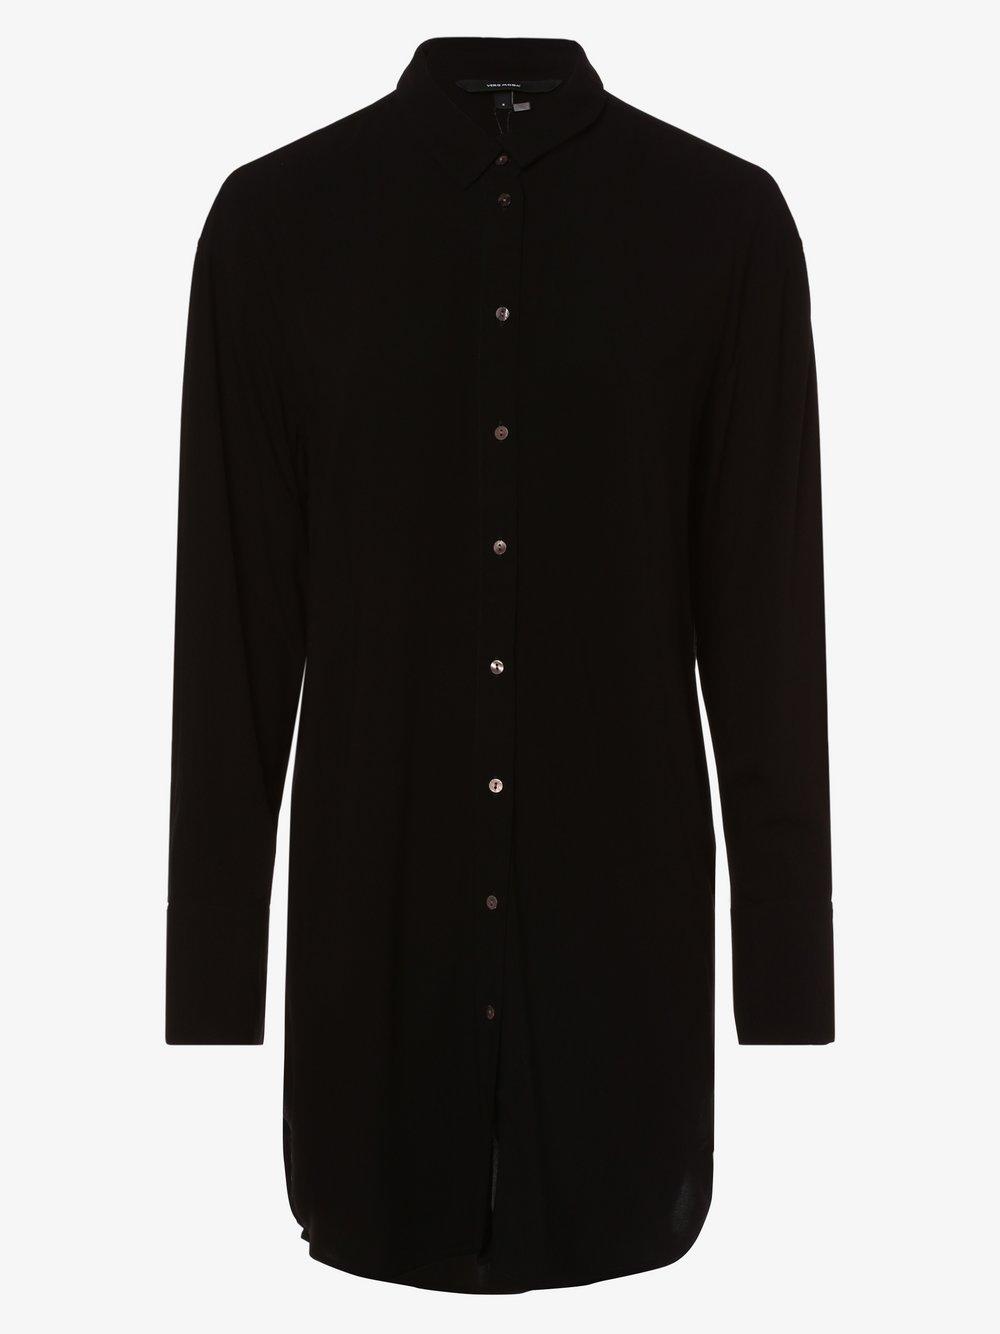 Vero Moda – Damska bluzka – Vmmimmi, czarny Van Graaf 461905-0002-09920